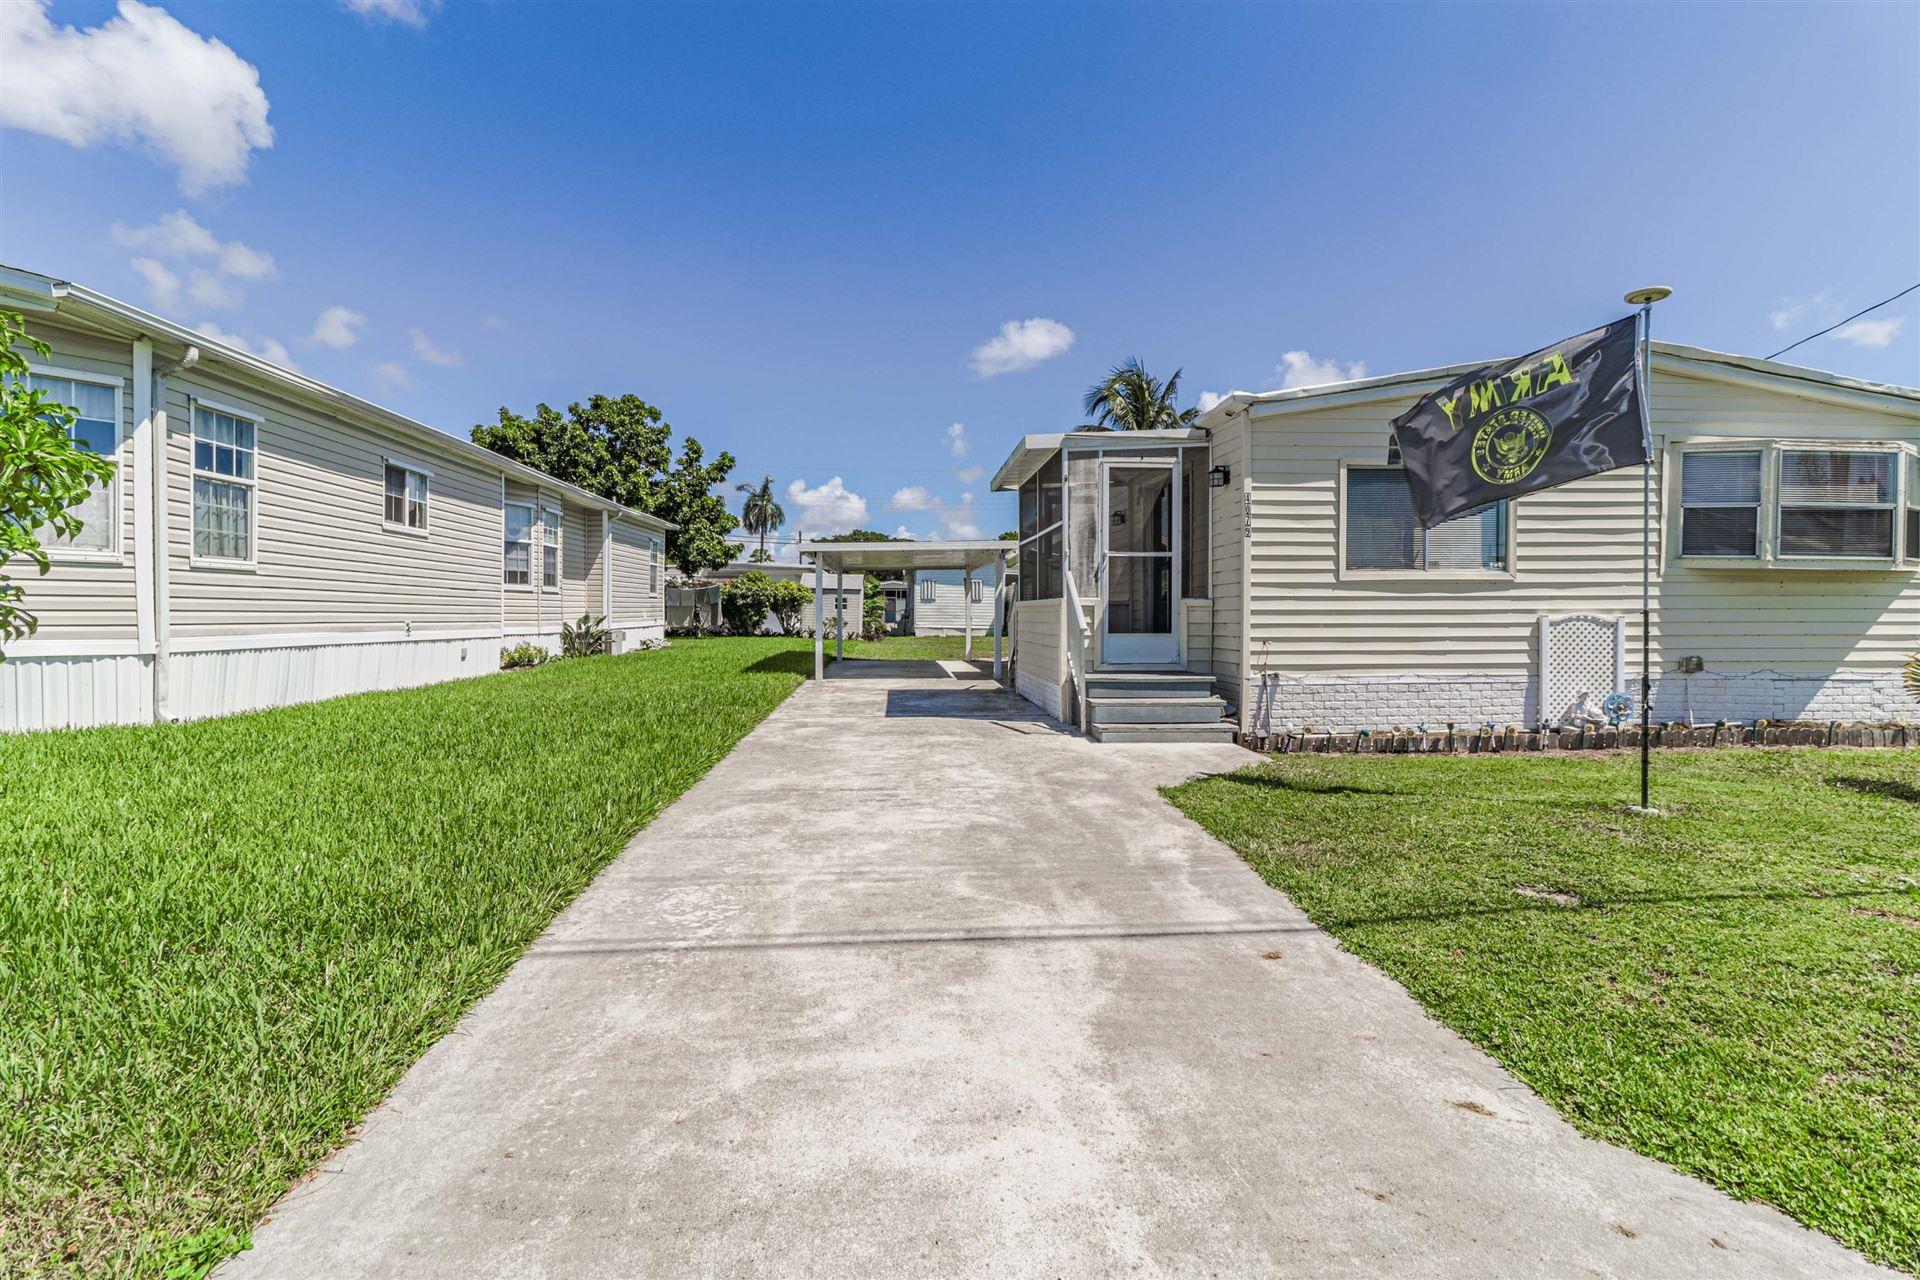 4079 N Shady Lane, Boynton Beach, FL 33436 - #: RX-10739947